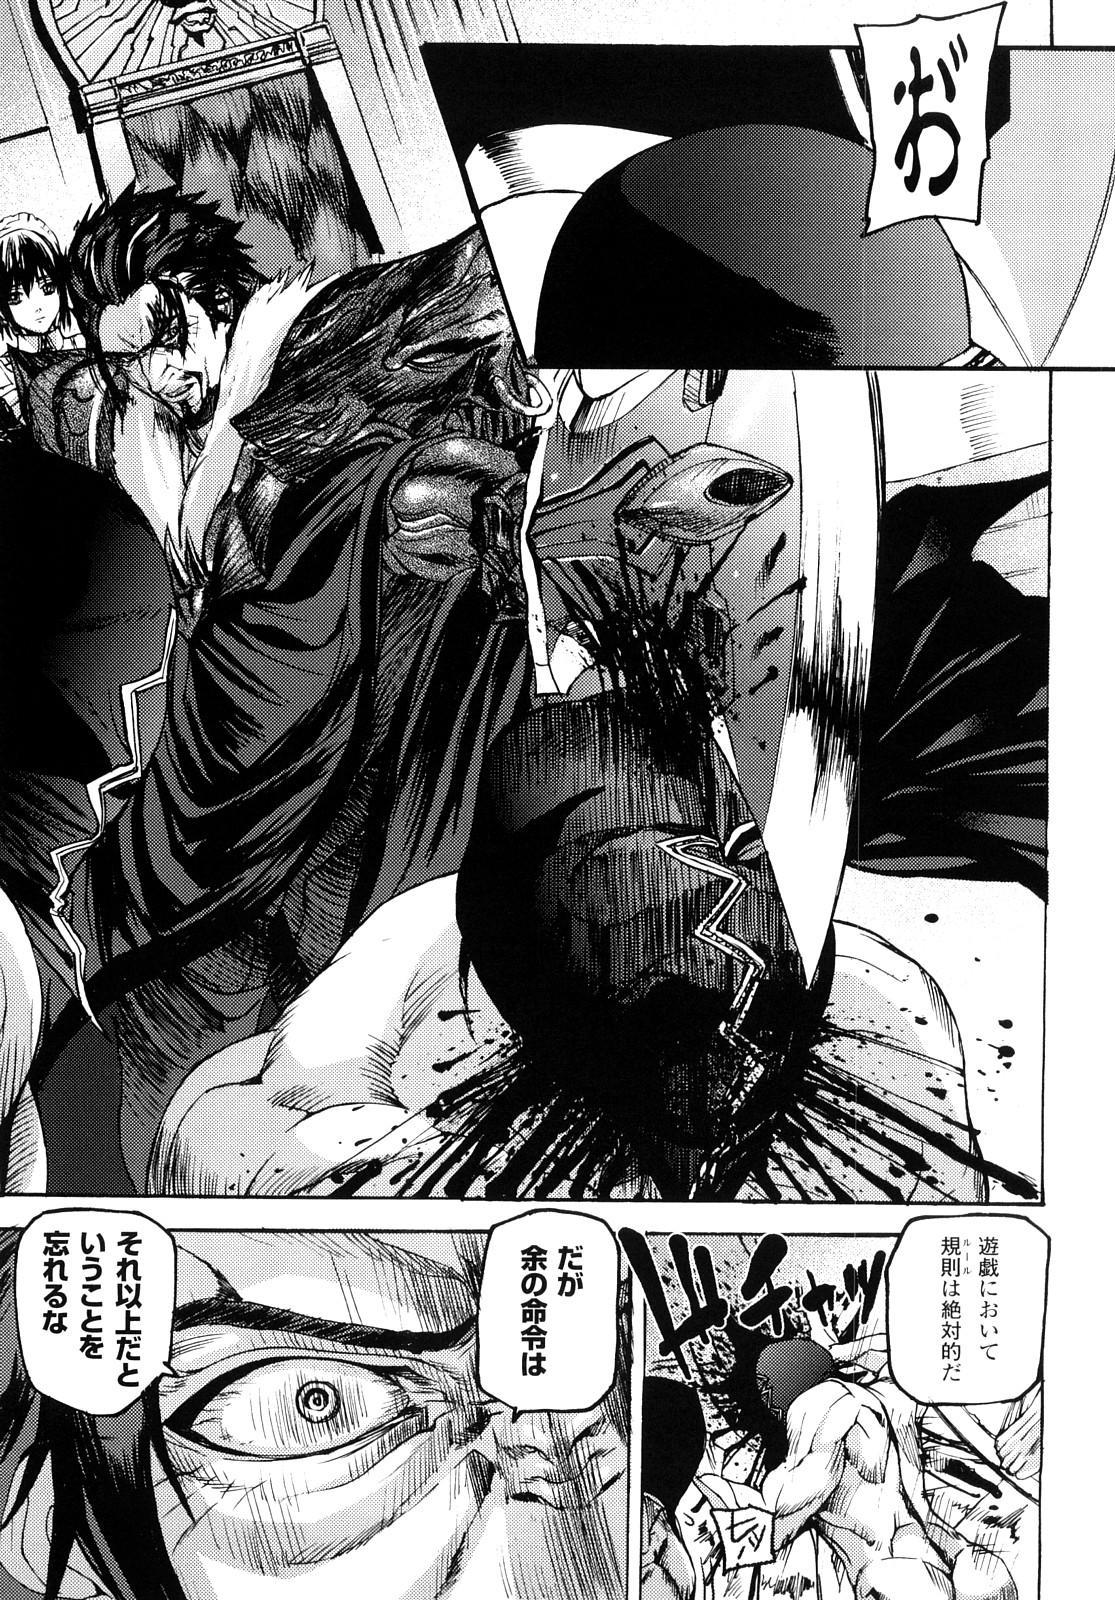 Cerberum no Hitsugi Haitoku no Hanmegami - The Coffin of Cerebrum Immoral Demivenus 39